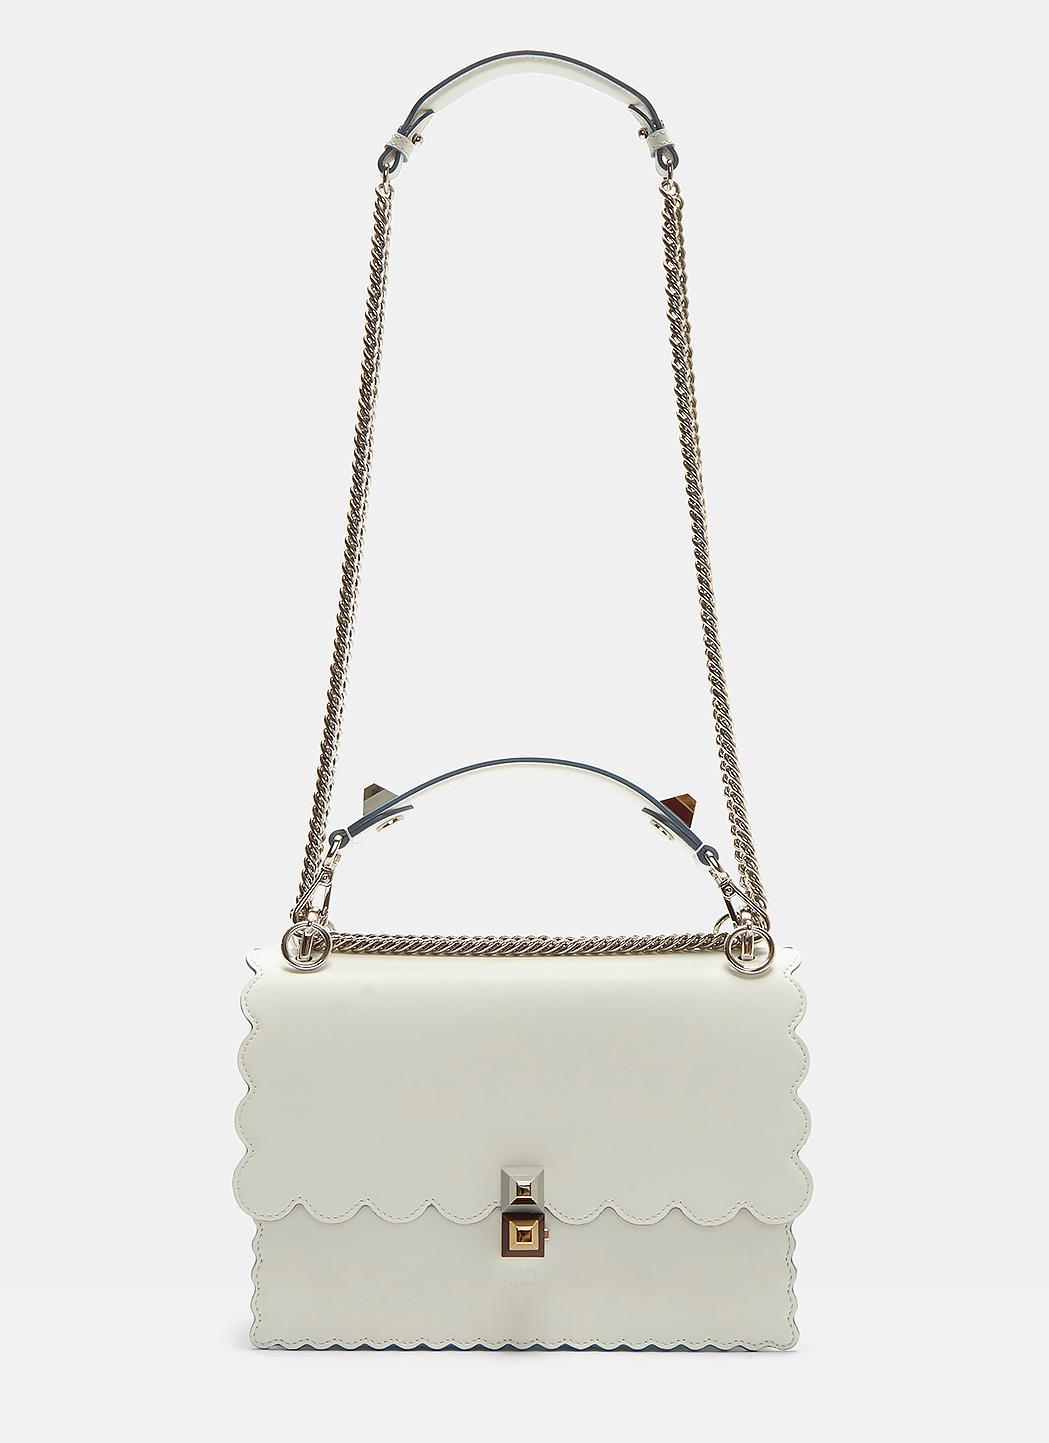 e2d09250ac7 Fendi Kan I Medium Leather Shoulder Bag In White in White - Lyst